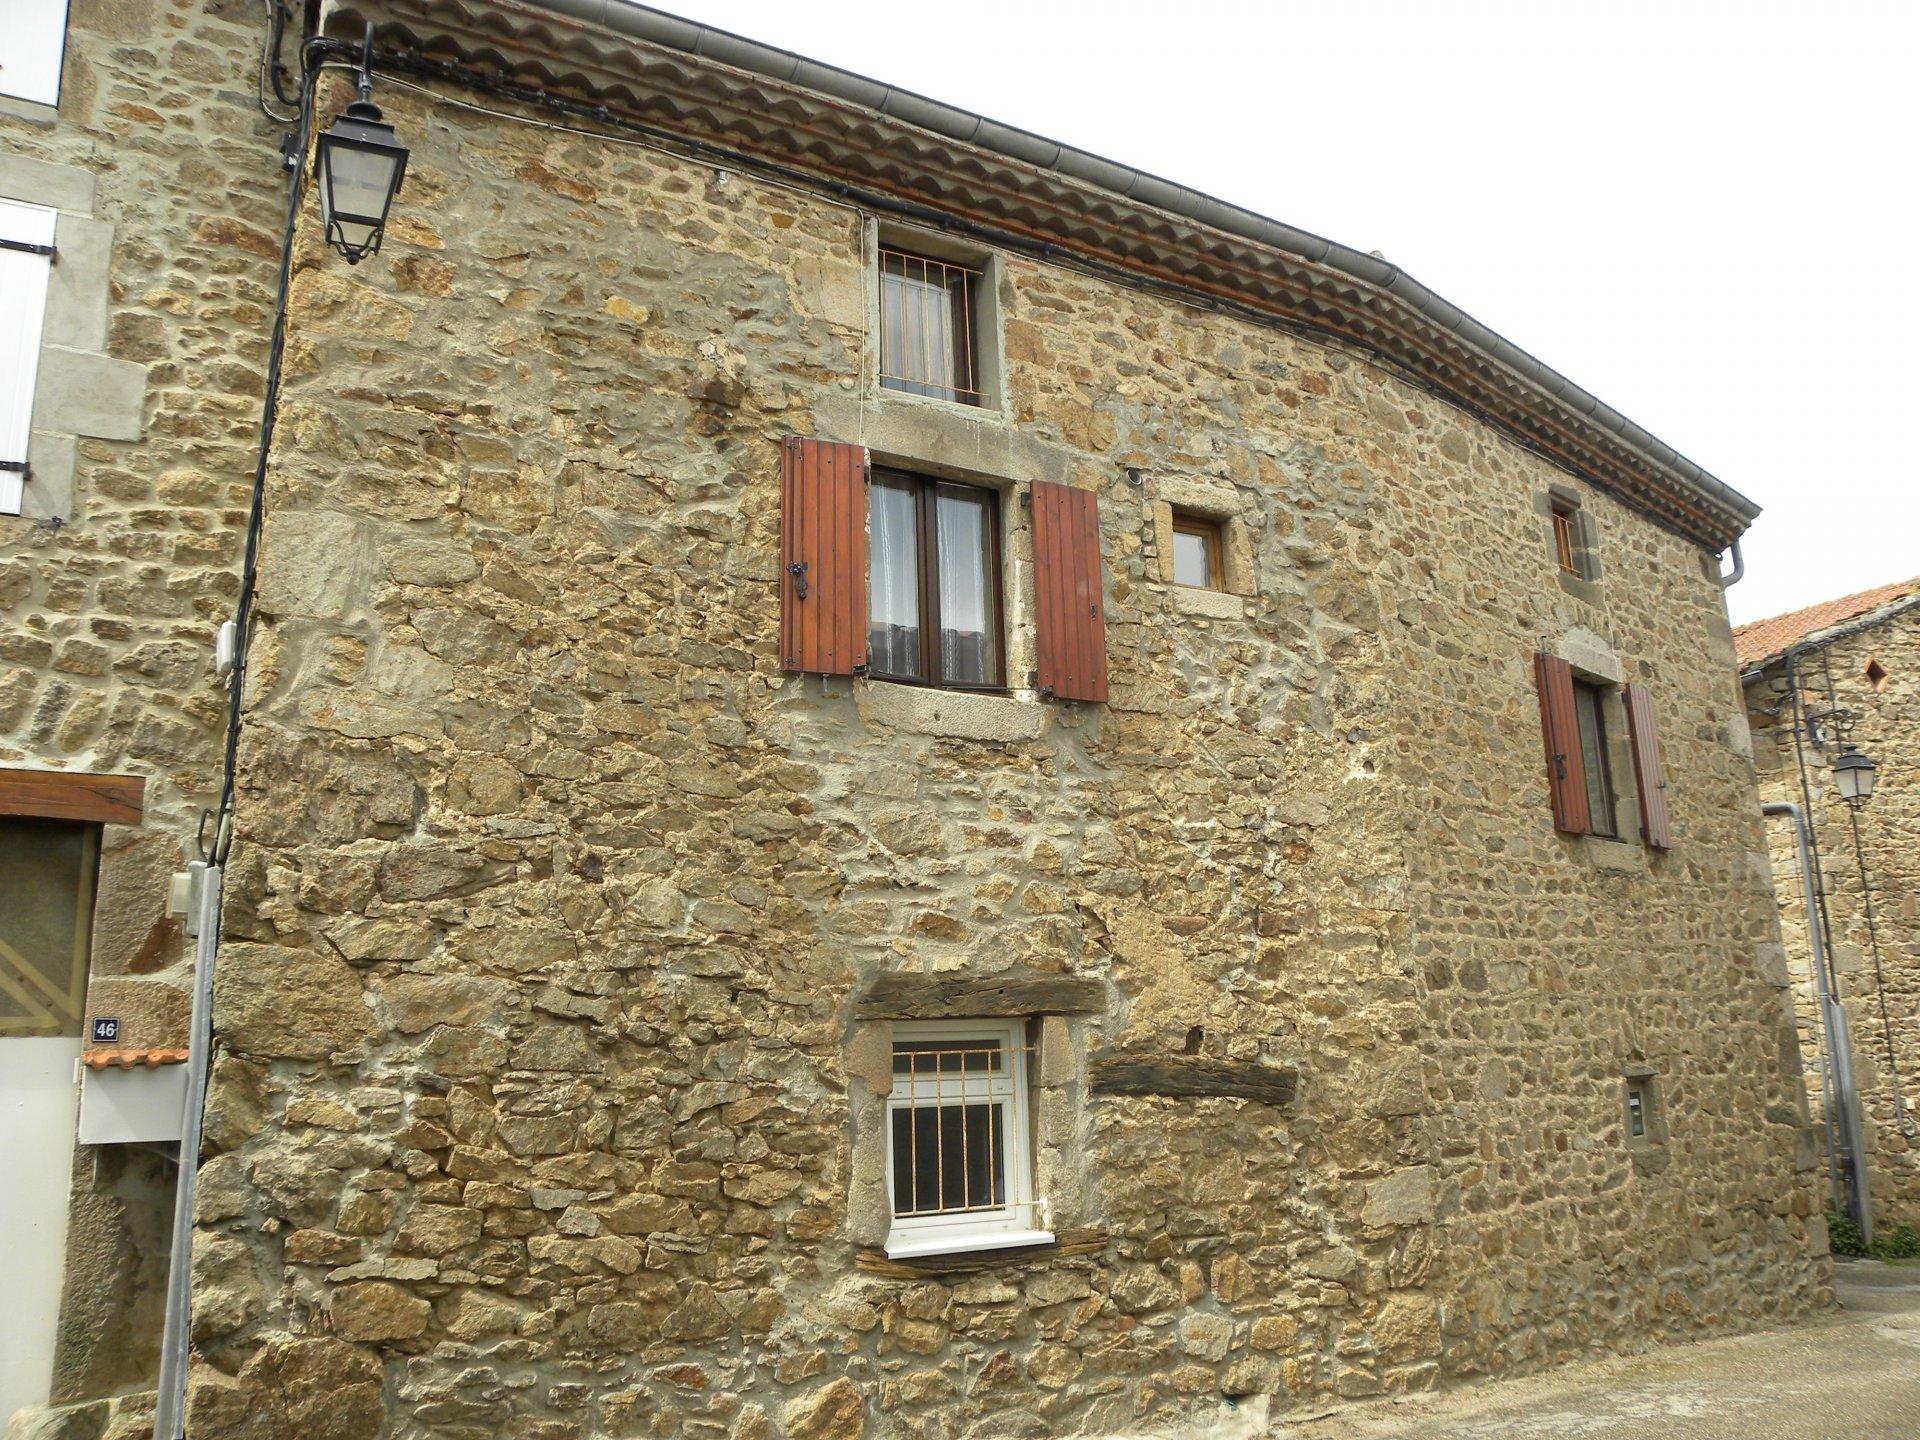 Maison de hameau en pierre.